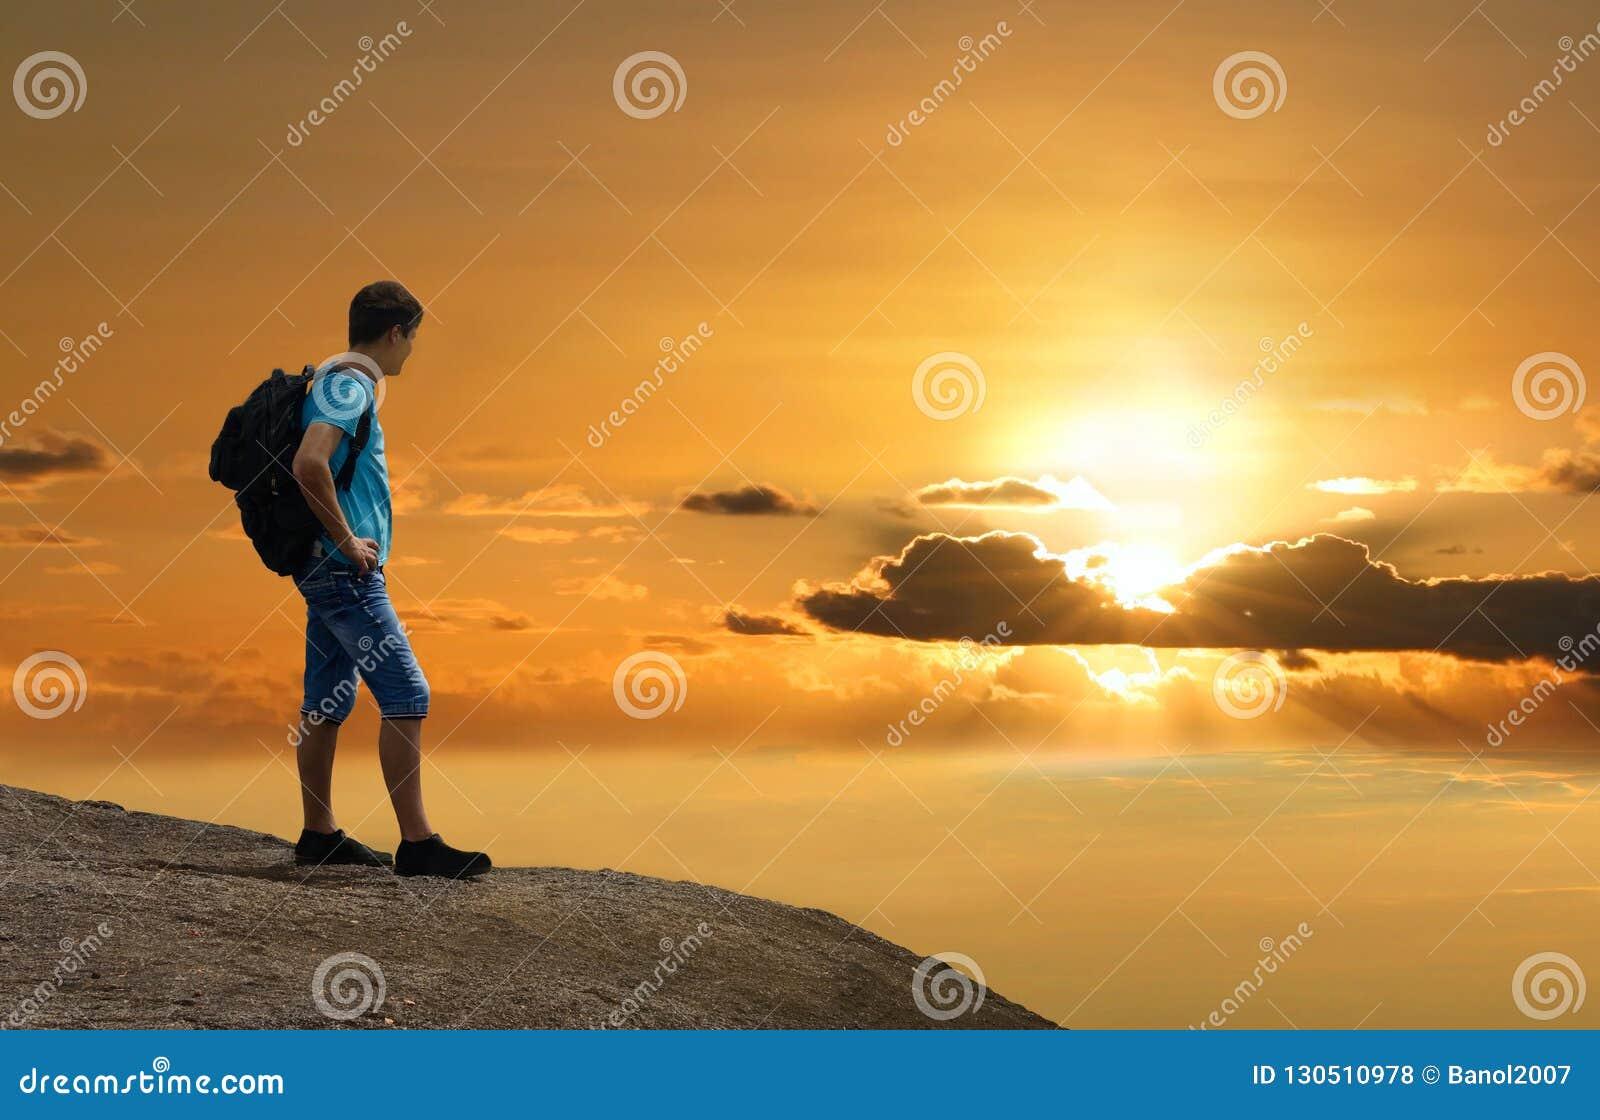 Mannen är på vaggar att tycka om solnedgång ovanför jord